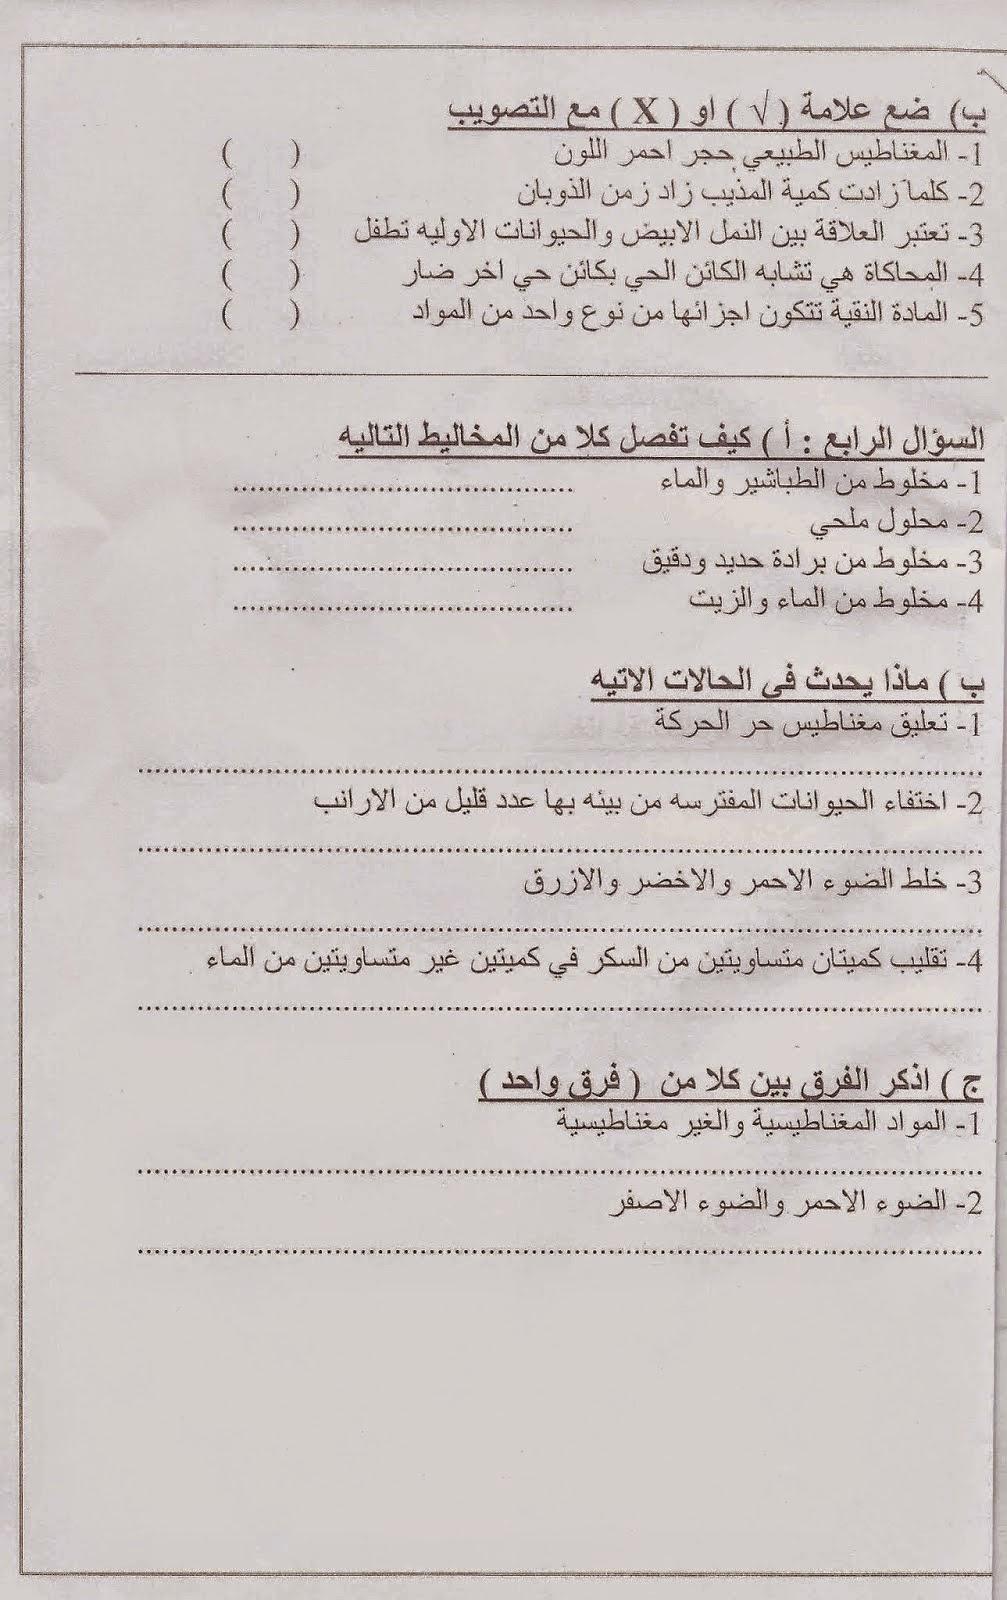 امتحانات كل مواد الصف الخامس الابتدائي الترم الأول 2015 مدارس مصر حكومى و لغات scan0104.jpg